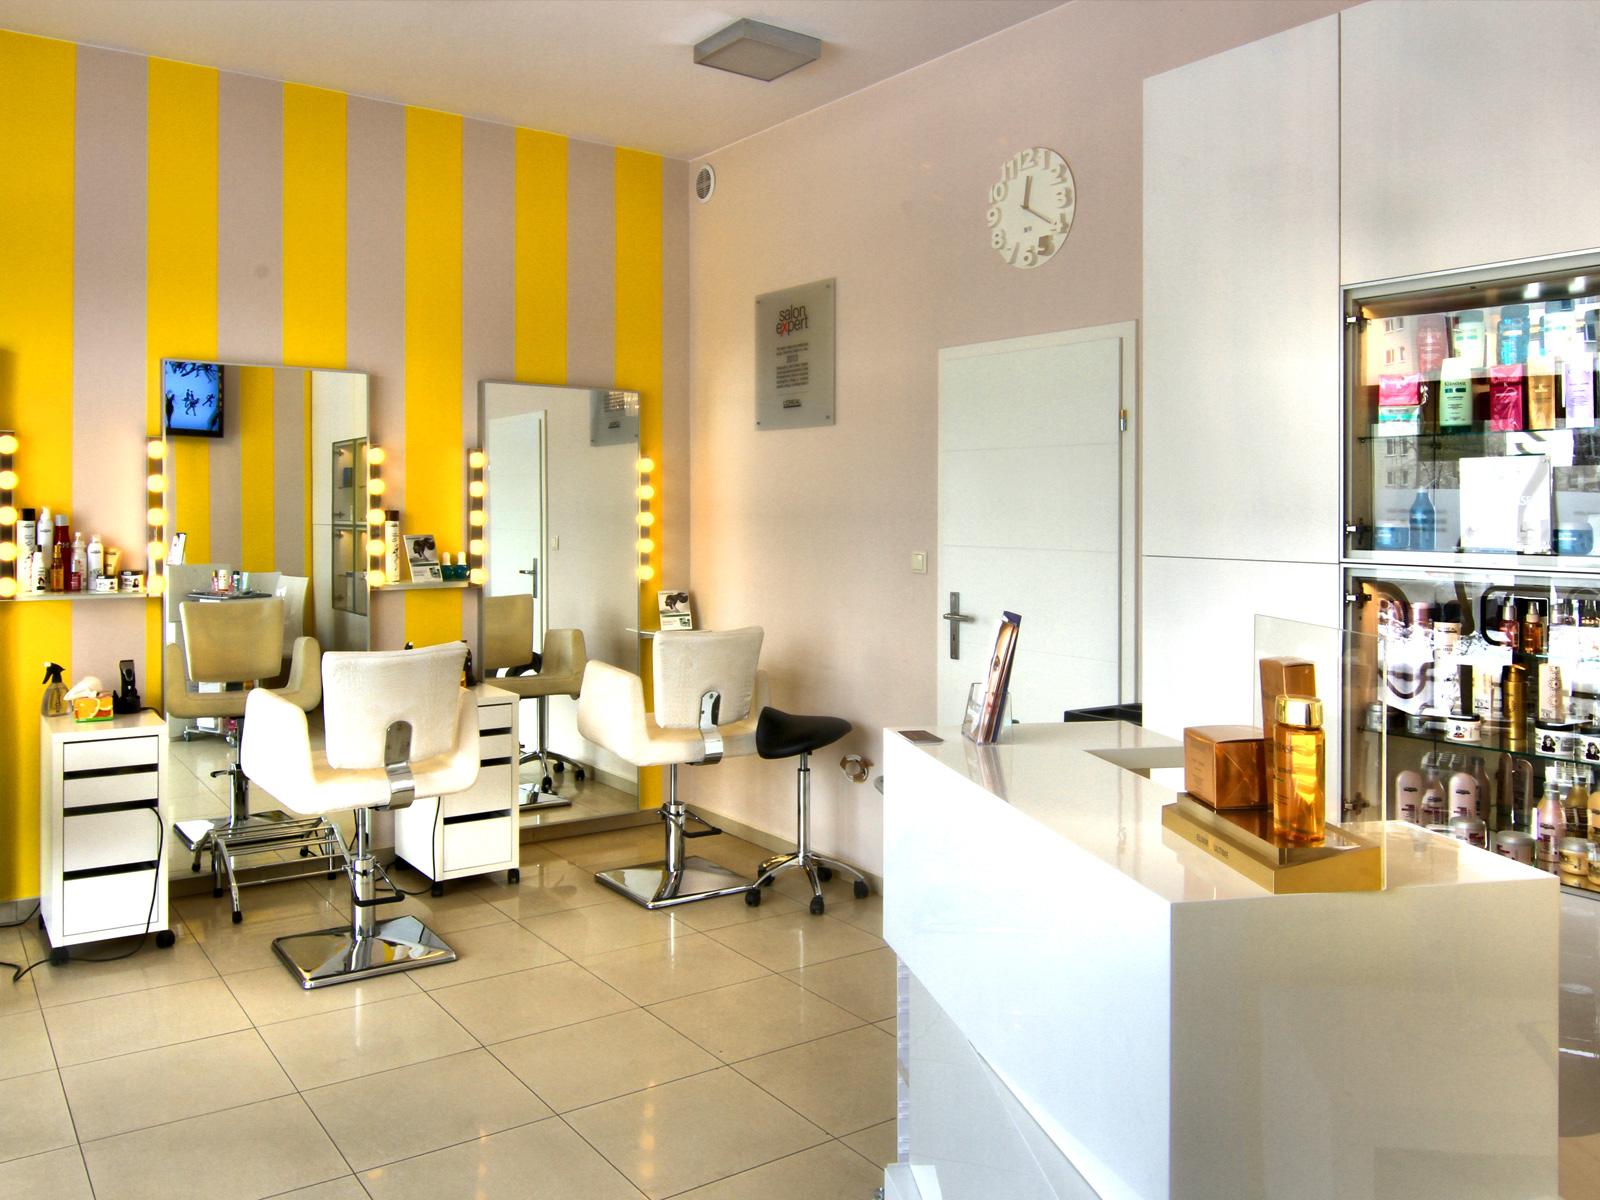 Salon fryzjerski Mokotow (4)